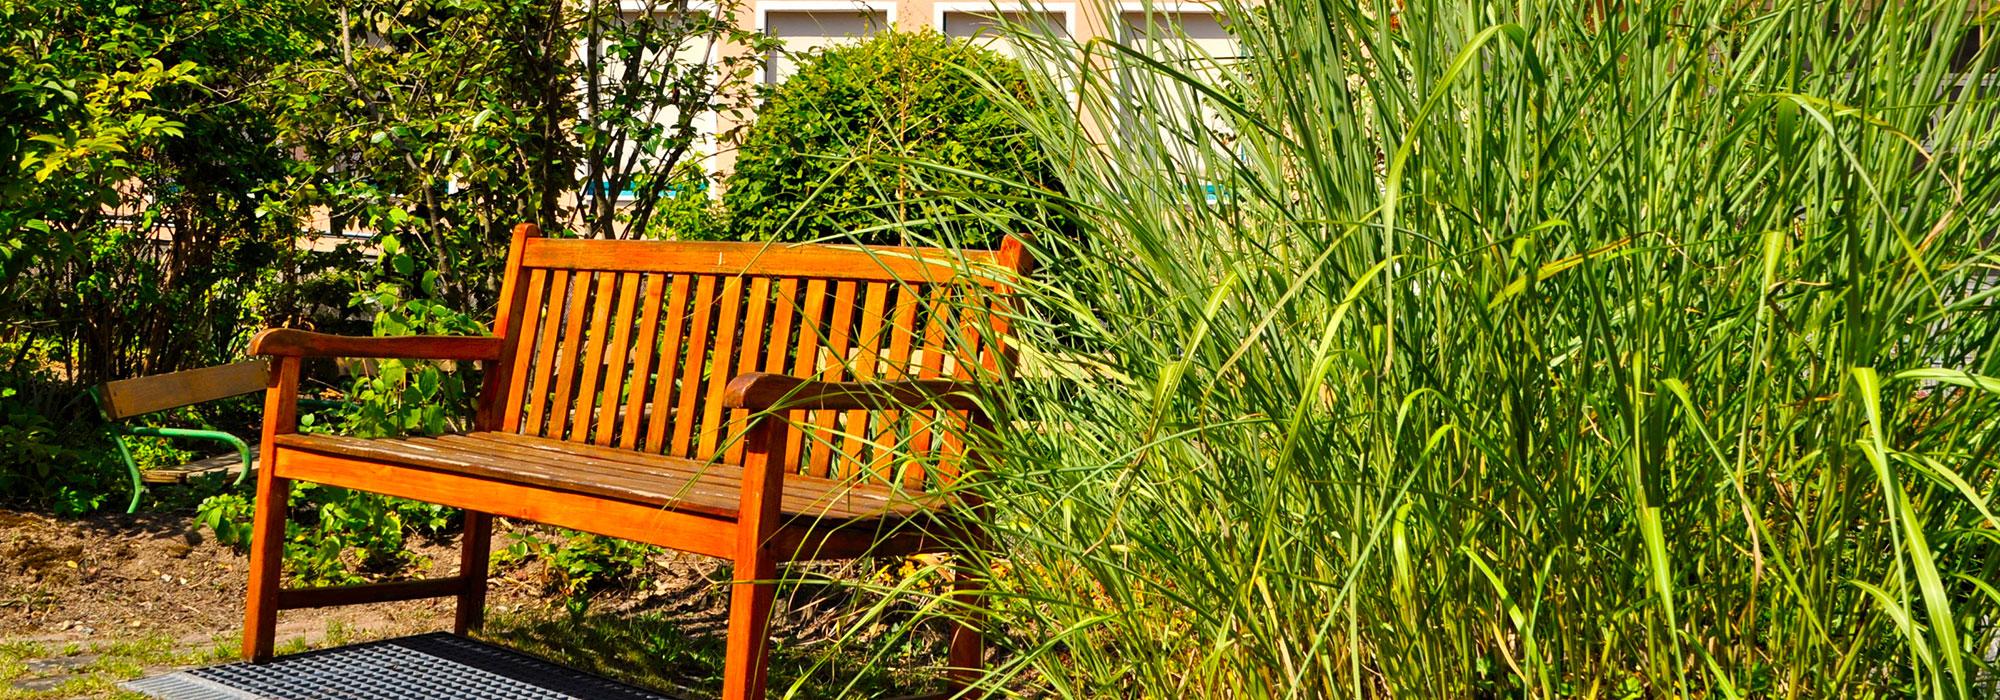 4_Holzbank-mit-FAKS-Fassade-und-Grün